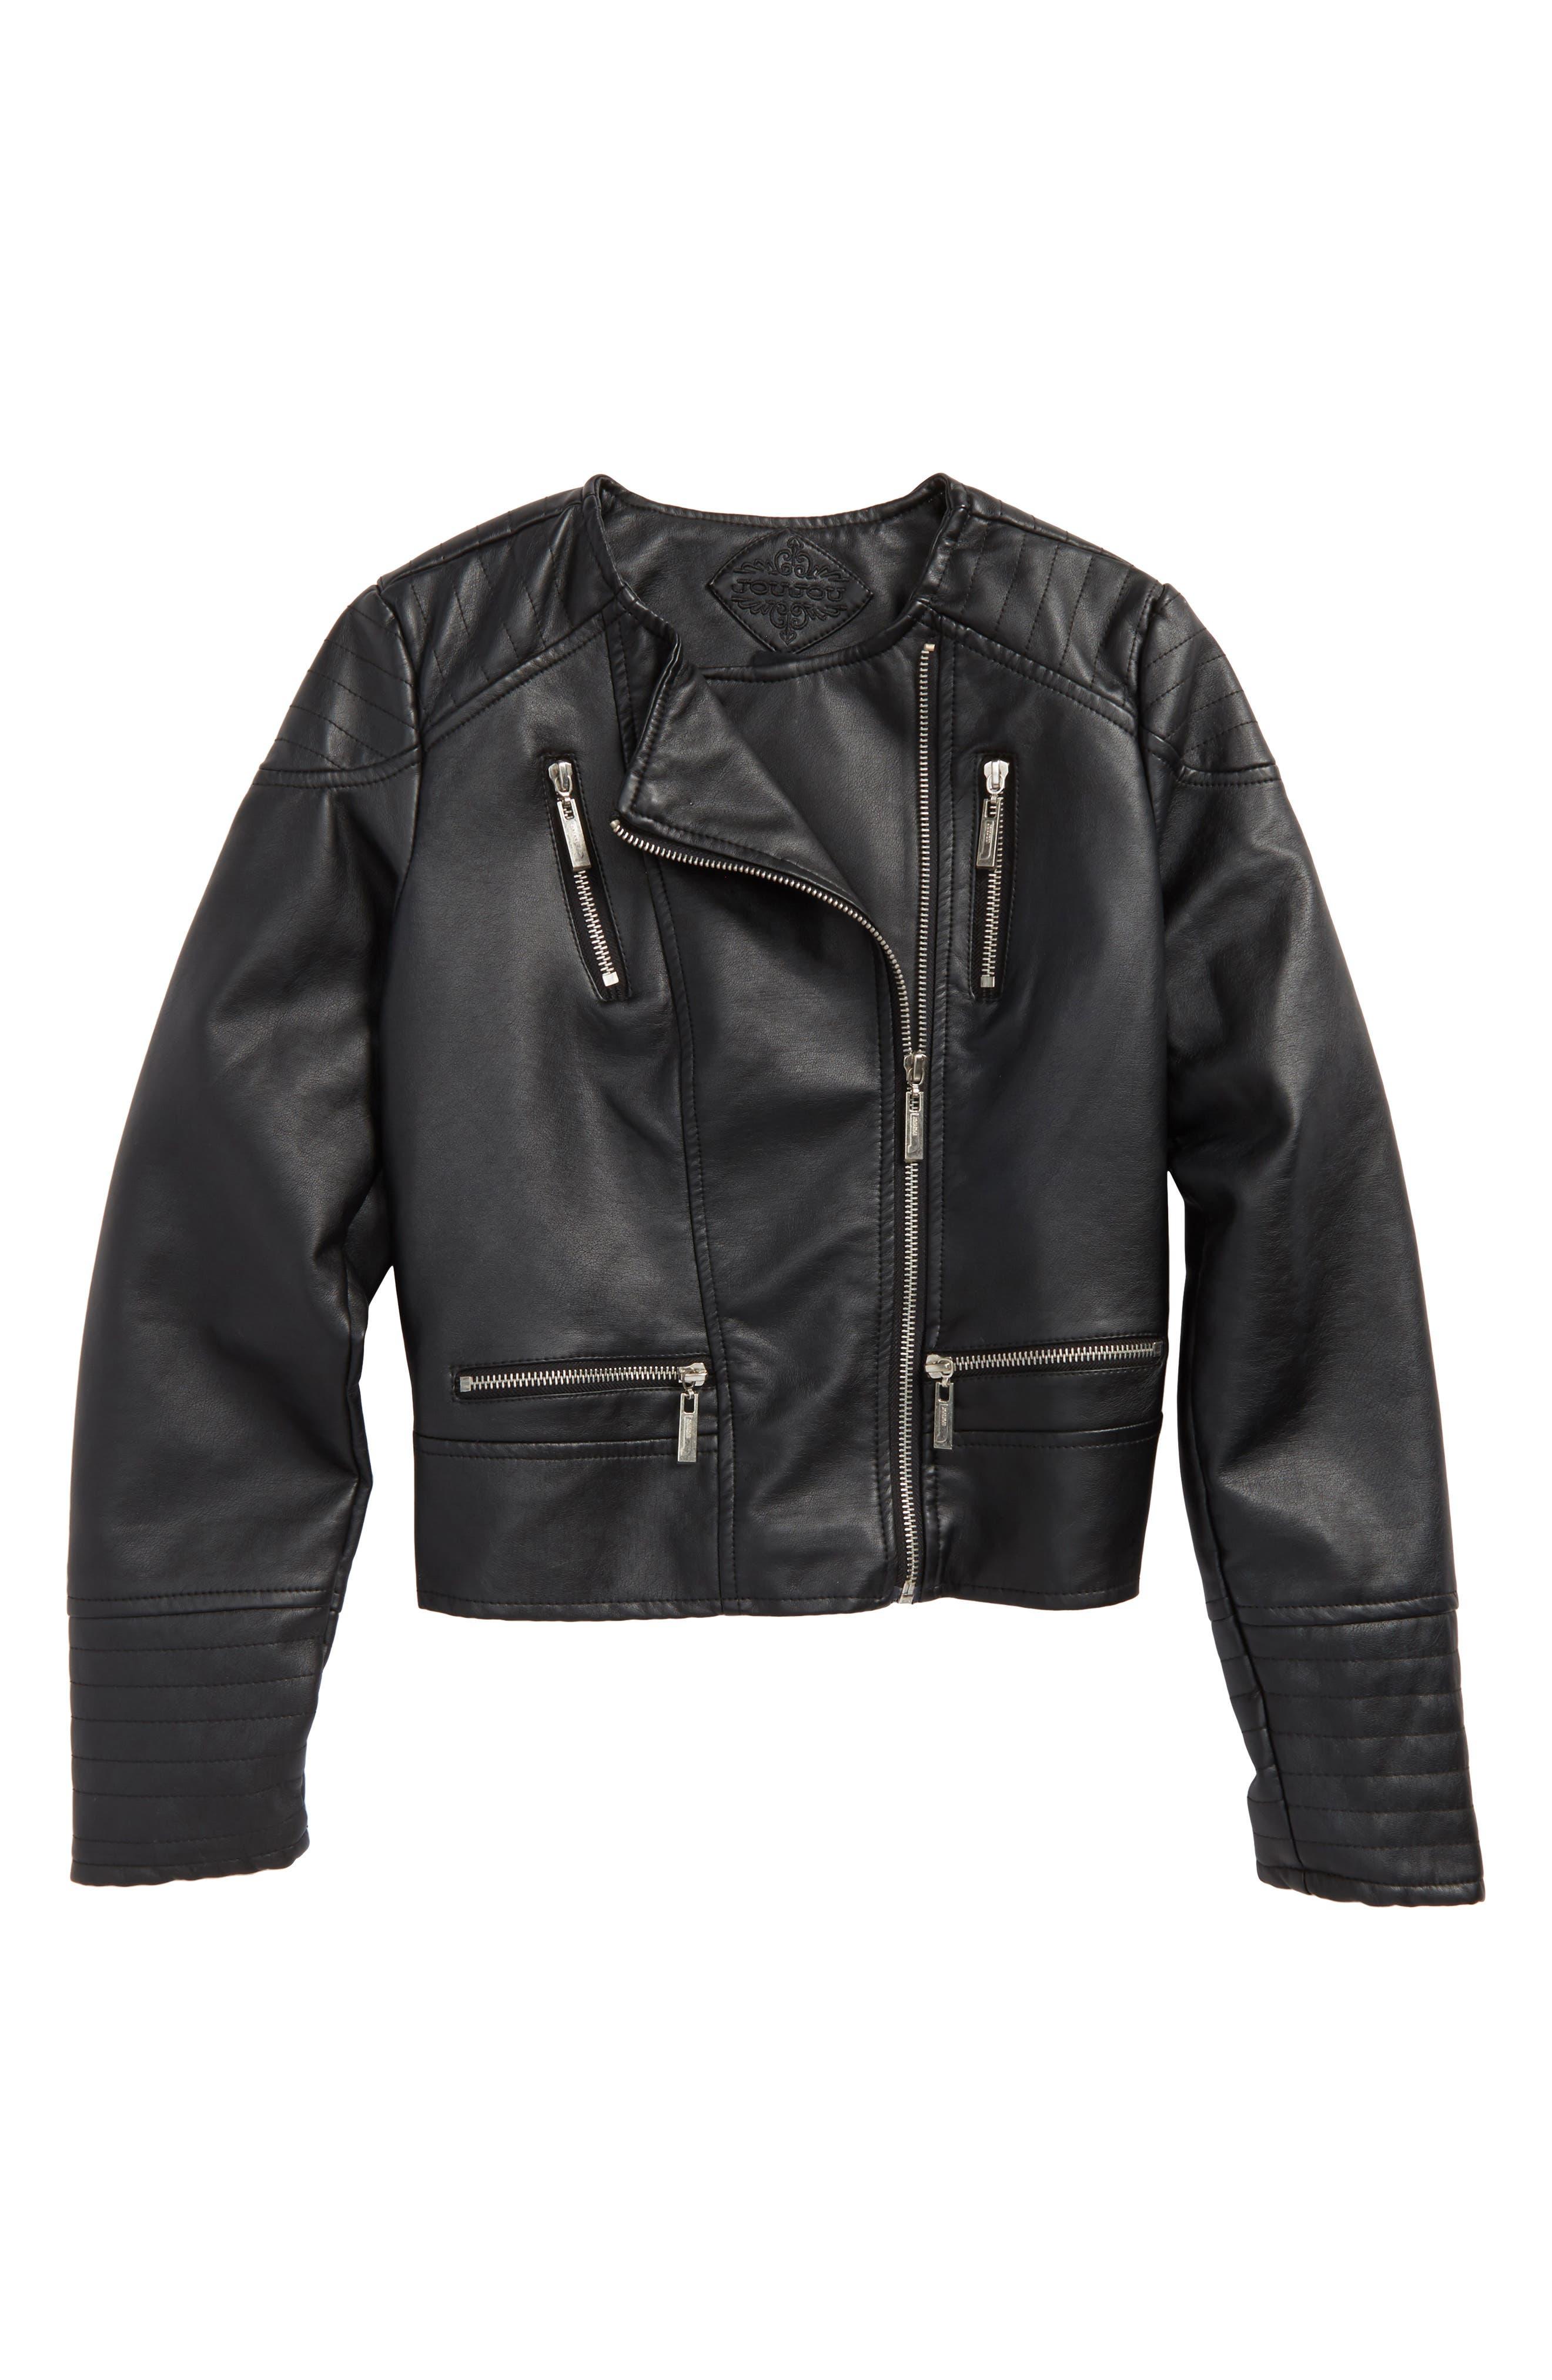 Alternate Image 1 Selected - Jou Jou Faux Leather Moto Jacket (Big Girls)